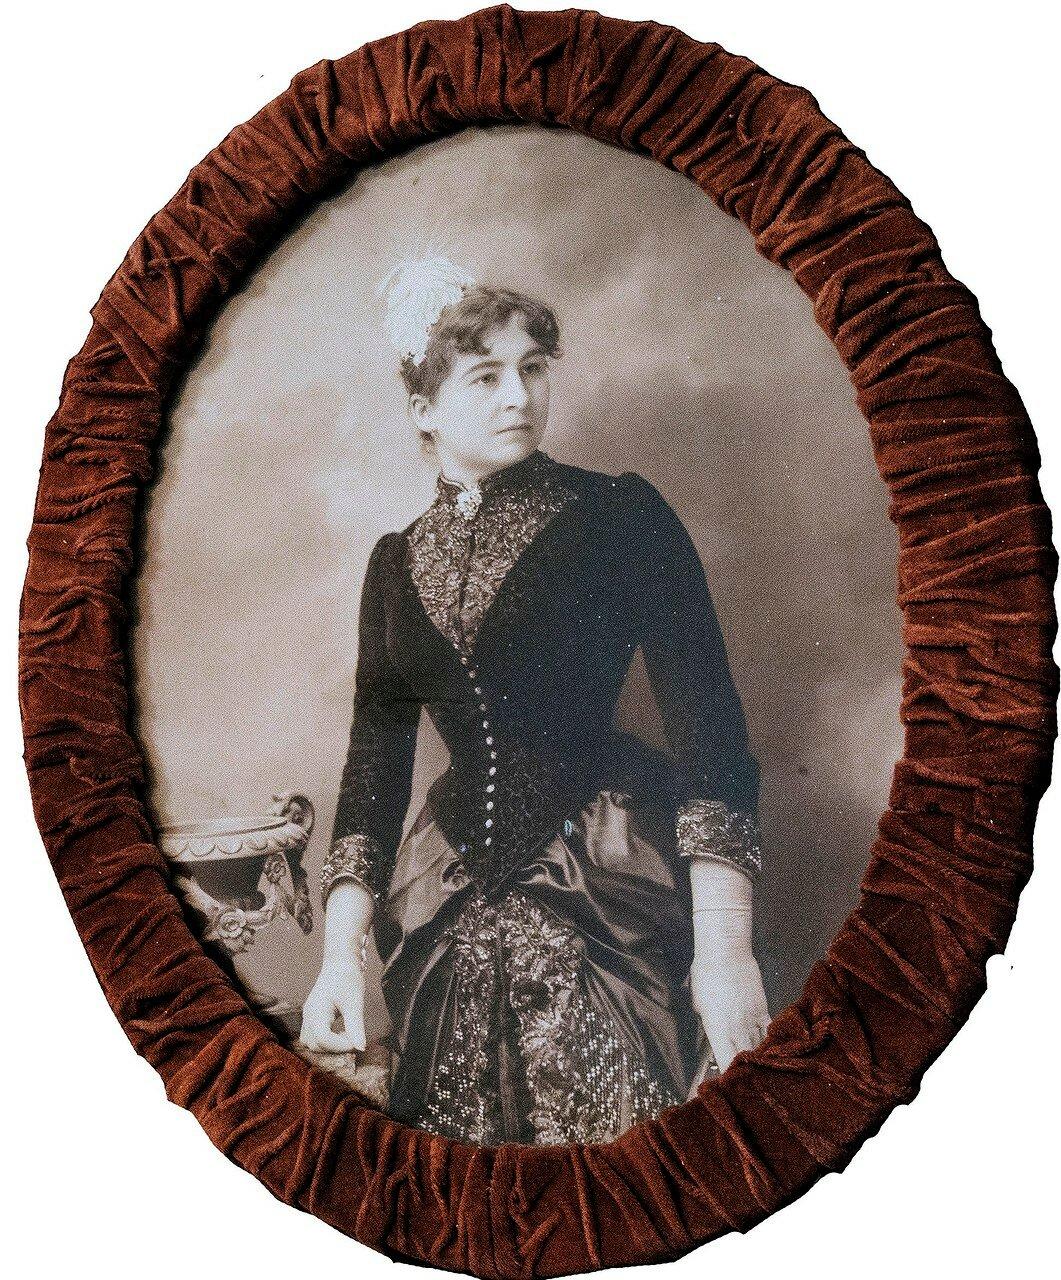 Ермолова Мария Николаевна. В 1870 году Надежда Медведева решила дать Ермоловой главную роль в своем бенефисе. В спектакле «Эмилия Галотти», премьера которого состоялась 30 января 1870 года, Ермолова проявила мощный сценический темперамент